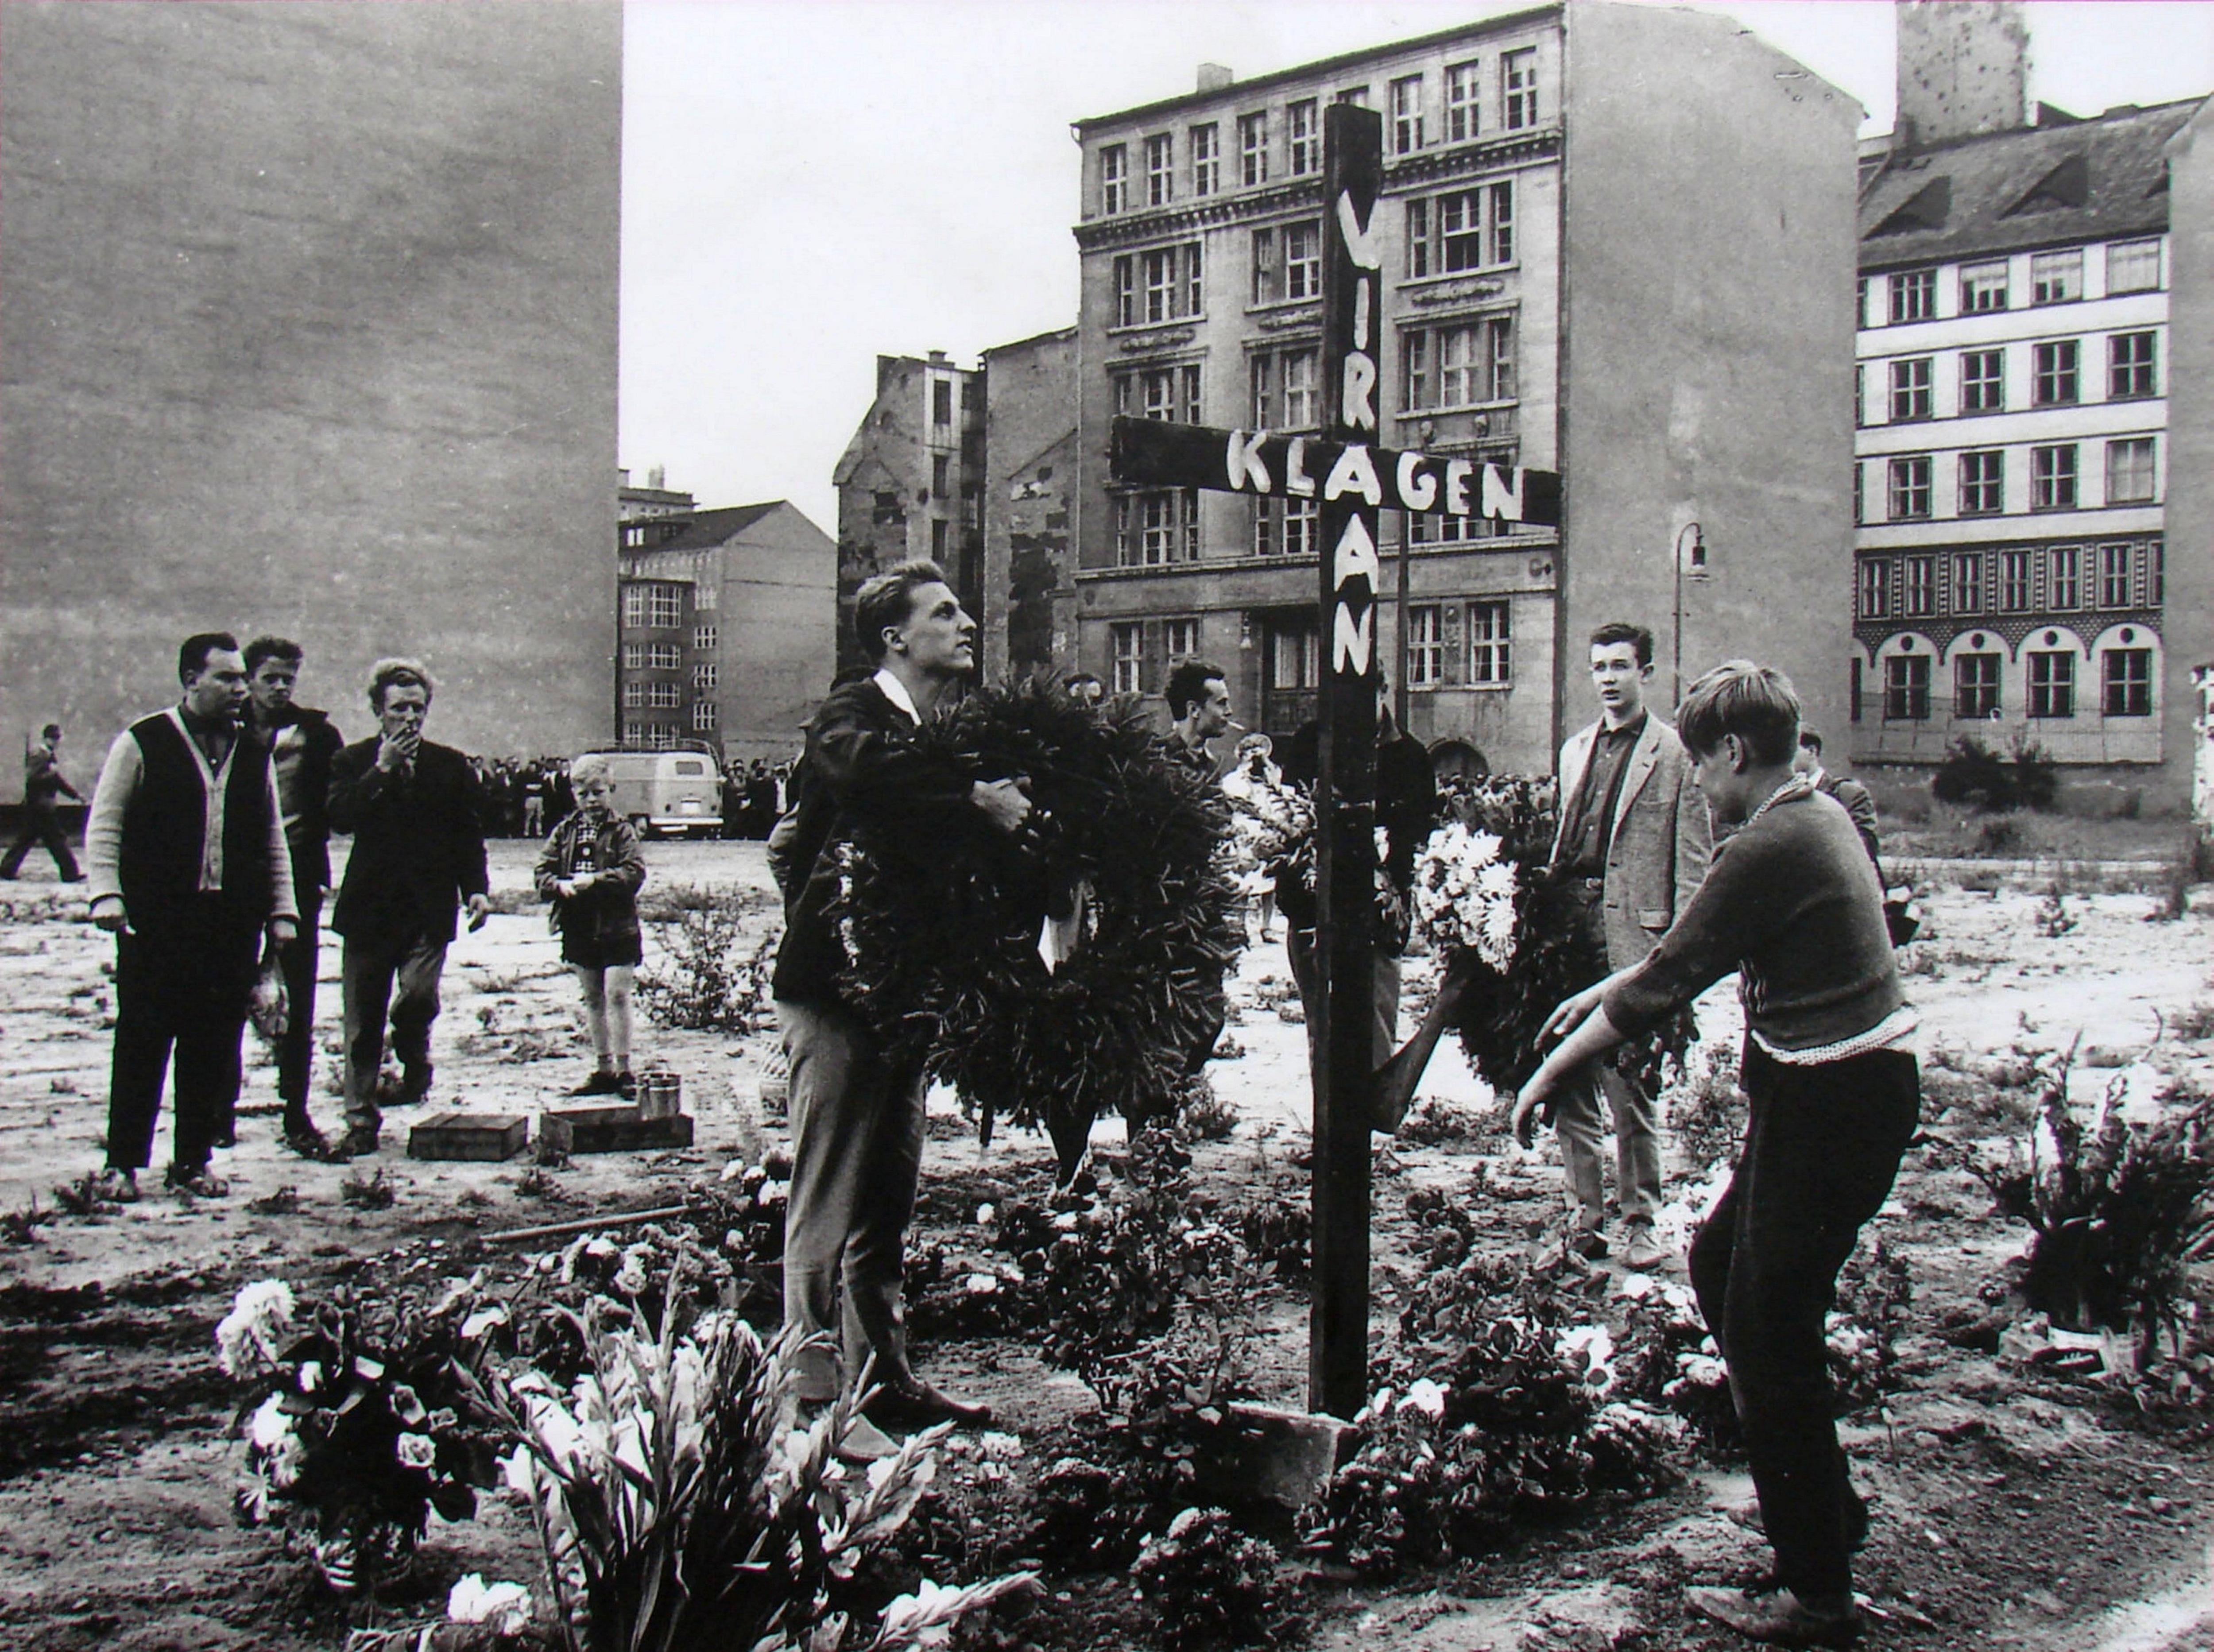 Un homenaje a Peter Fechter, el obrero de Alemania Oriental que fue acribillado mientras intentaba trepar el muro para escapar en 1962